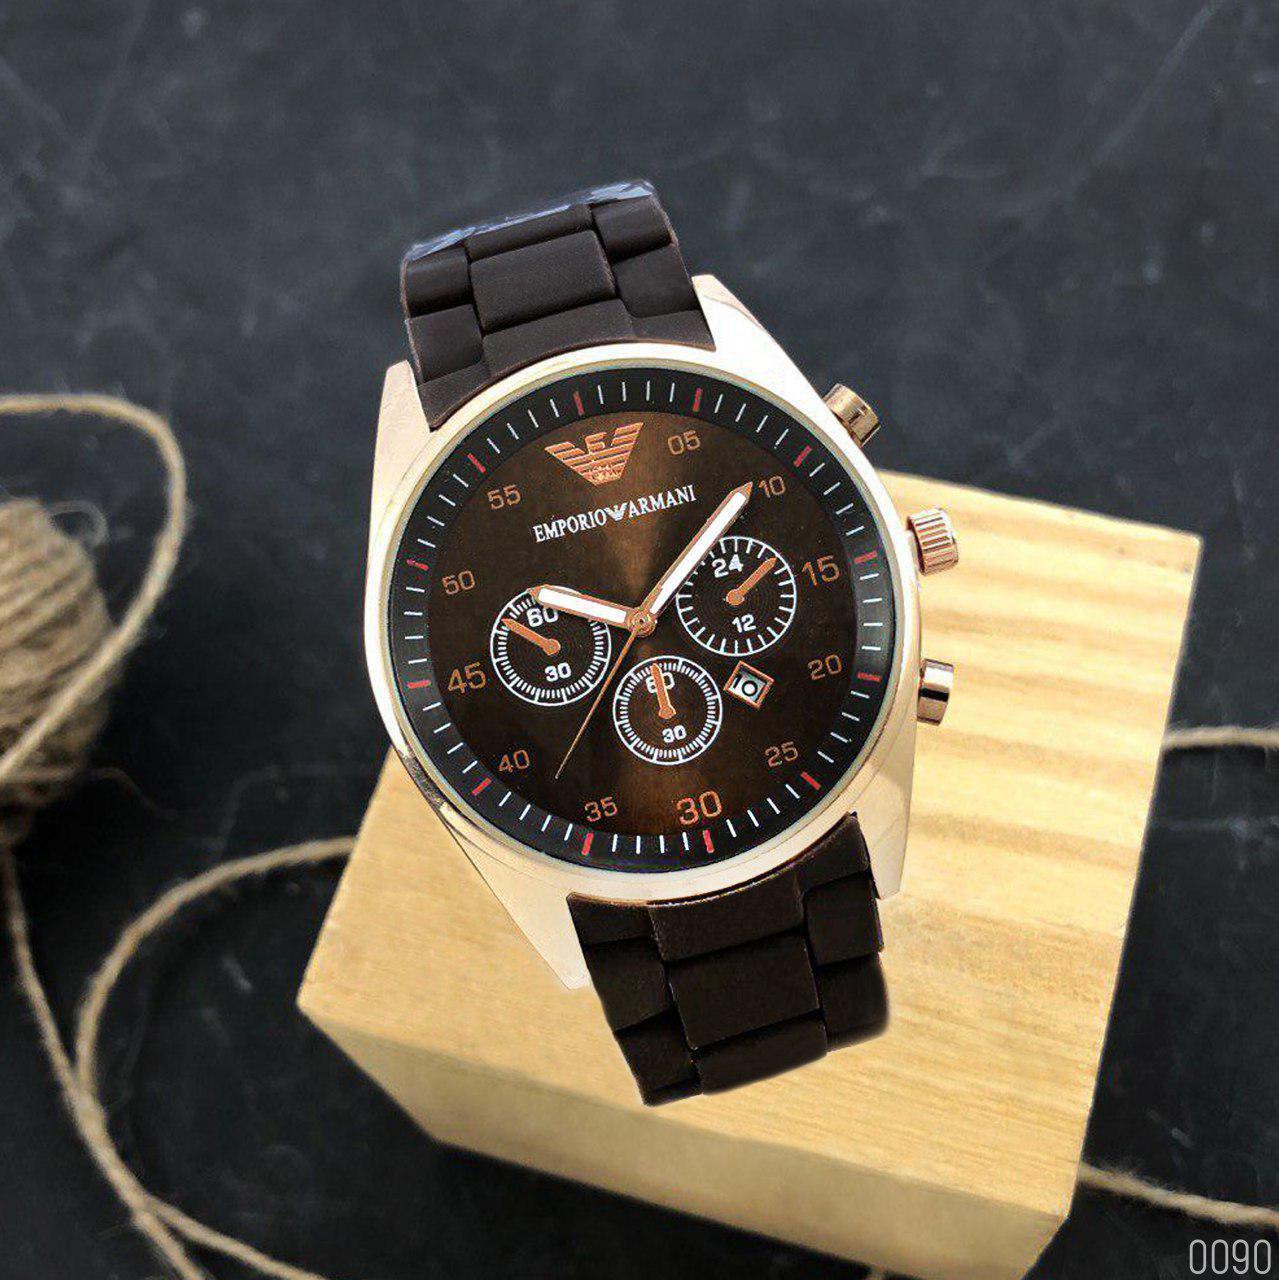 Мужские часы ARMANI Gold-Brown (эмпорио армани браслет золото- коричневые)  Чоловічий годинник